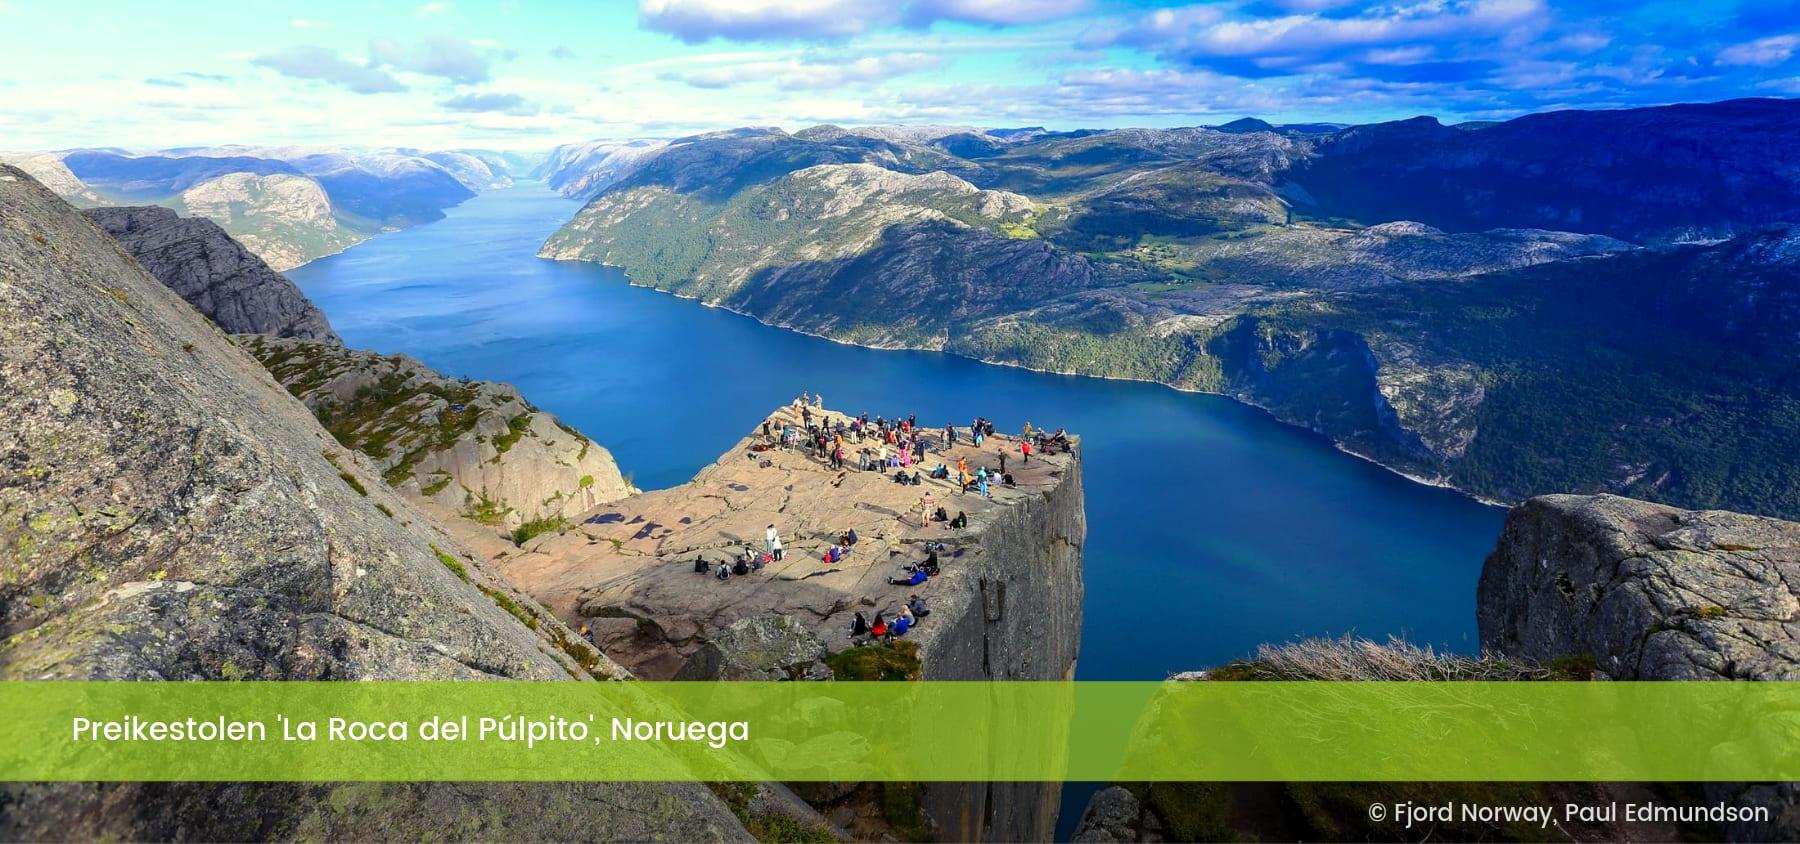 Preikestolen La Roca del Púlpito Noruega